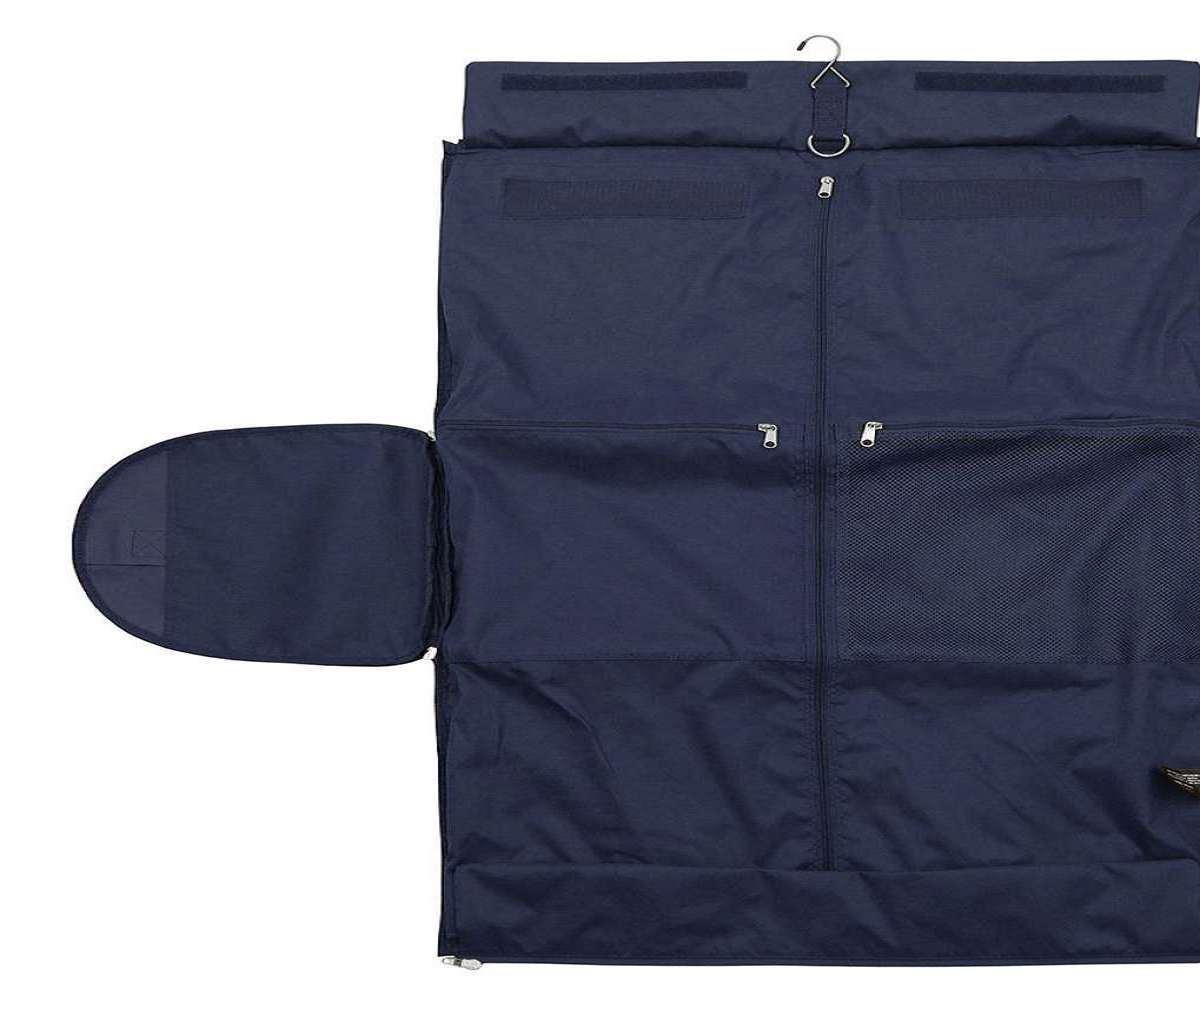 70df4473ef24 Garment duffle